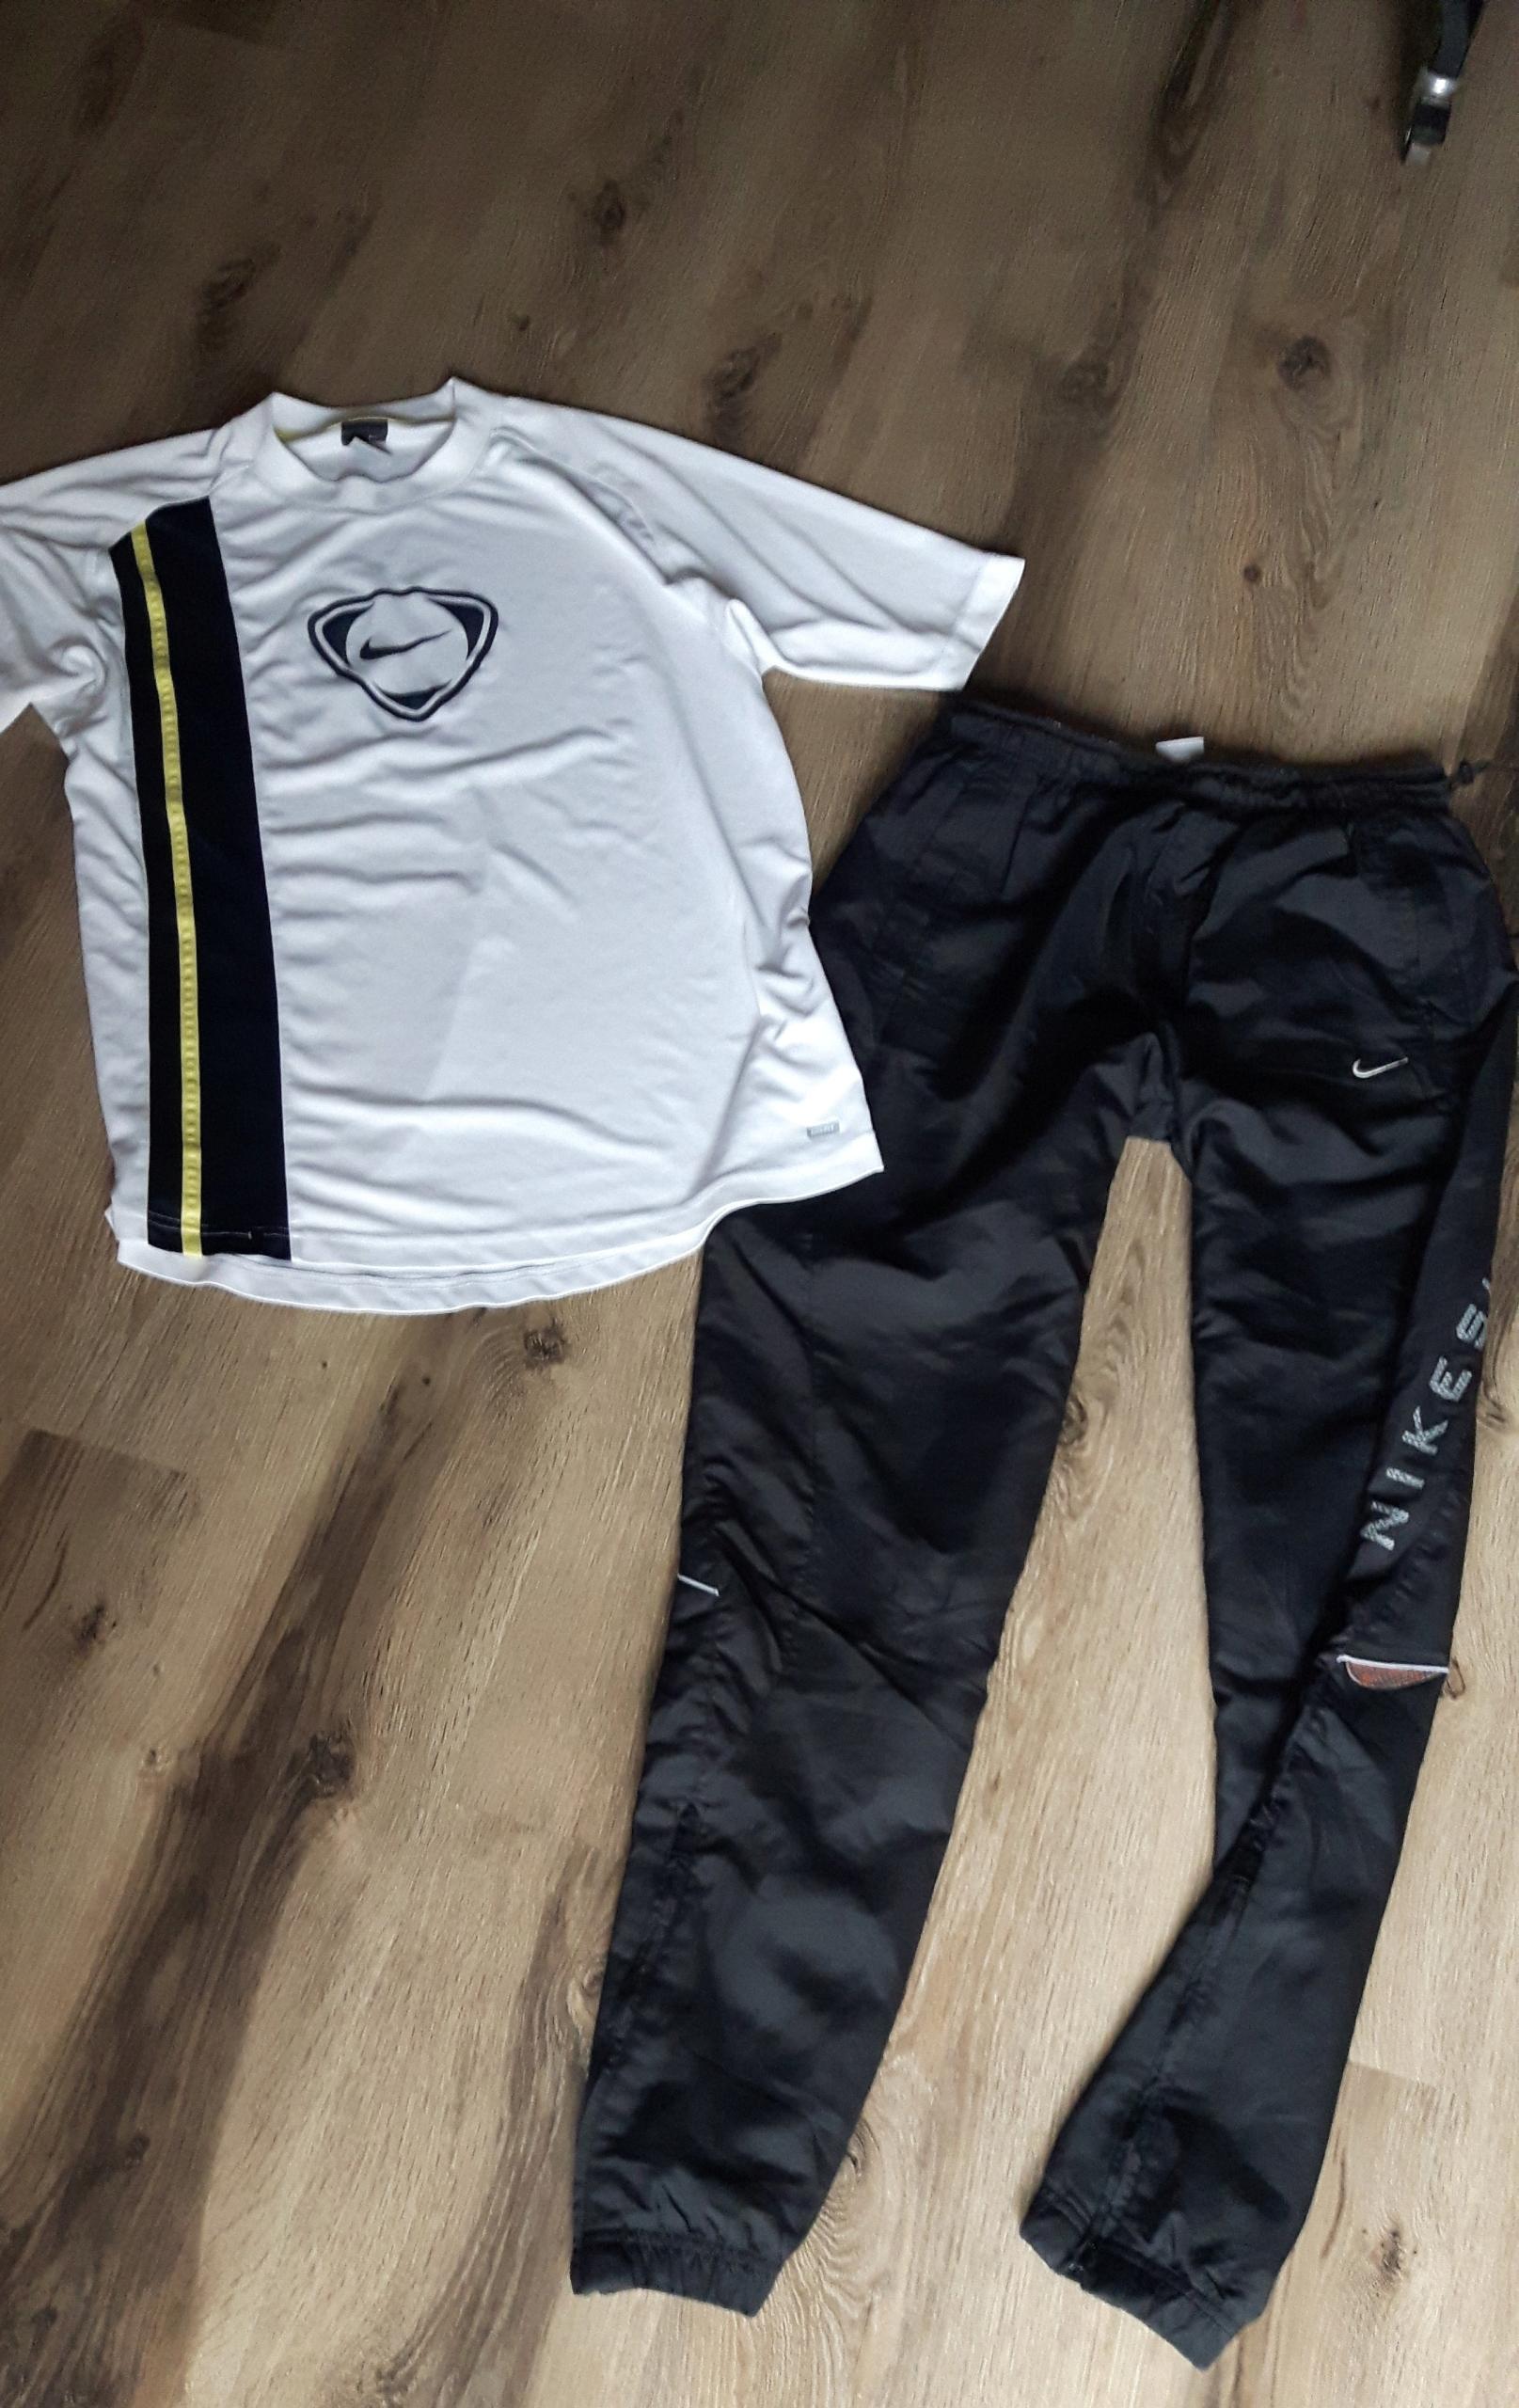 Nike spodnie dresowe t shirt dri fit L